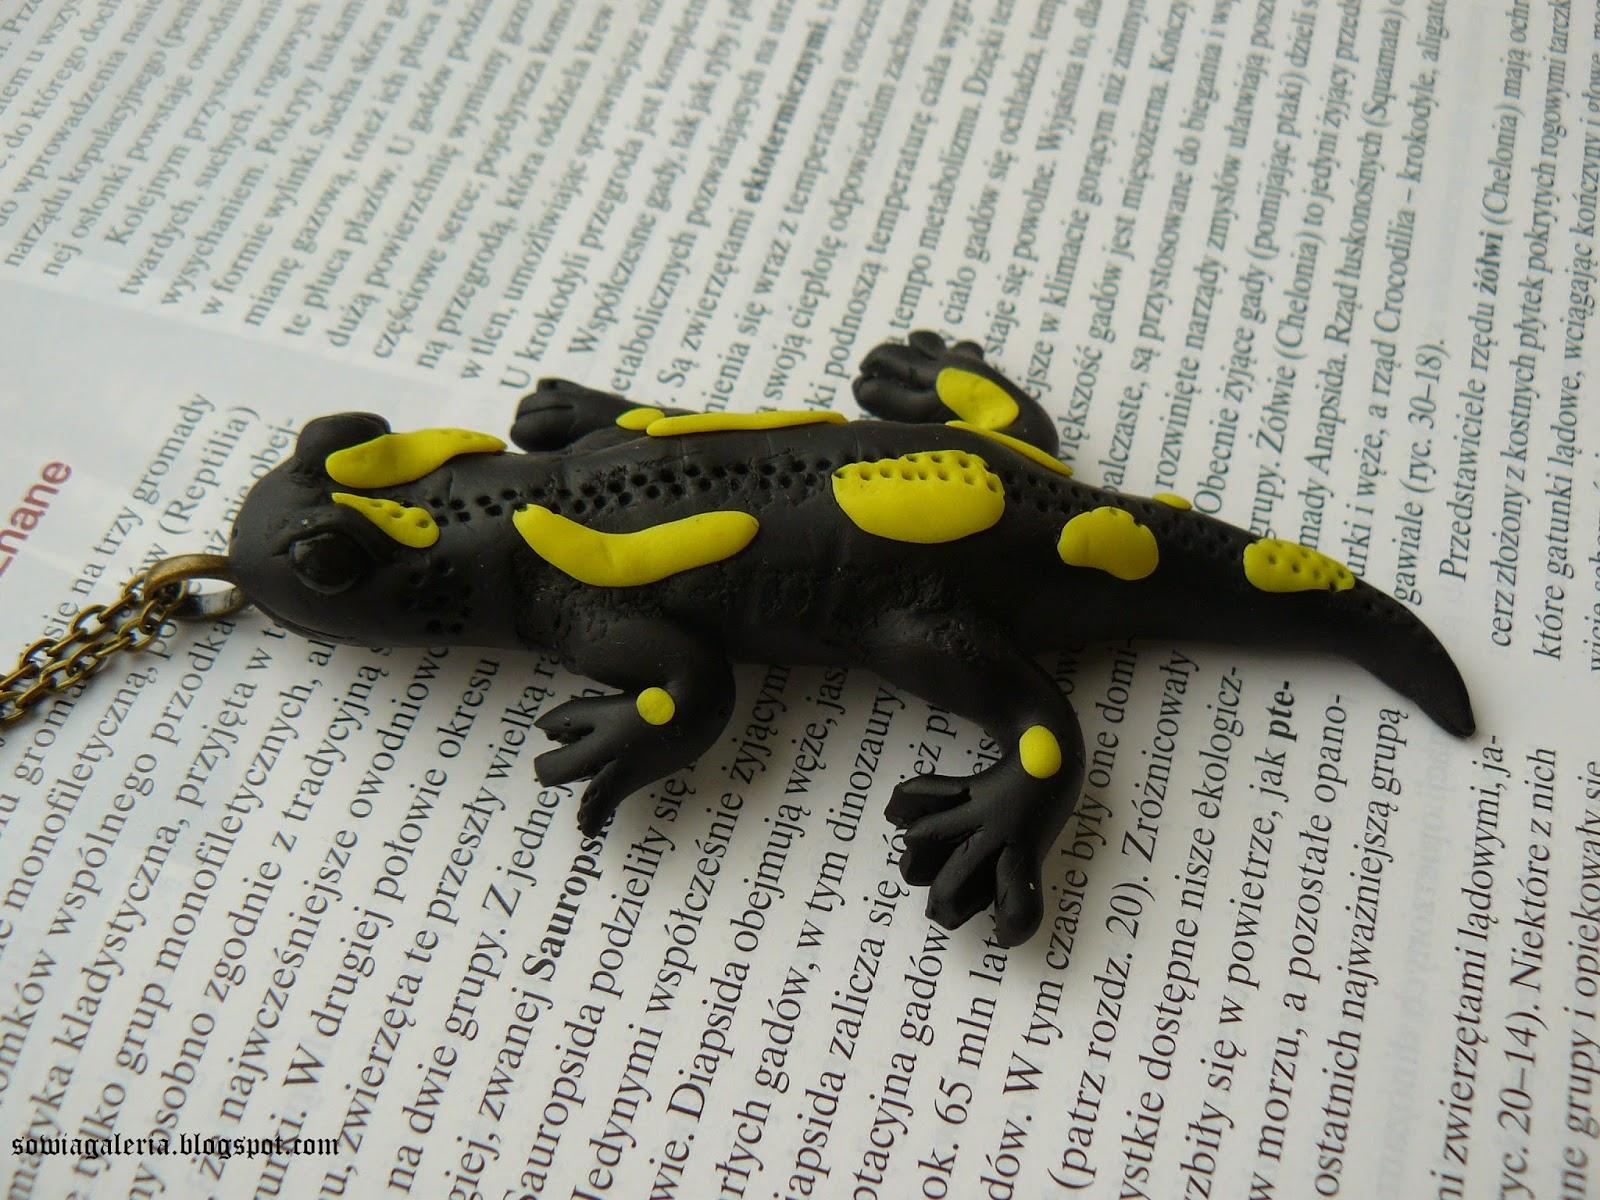 http://sowiagaleria.blogspot.com/2014/08/salamandra-salamandra.html